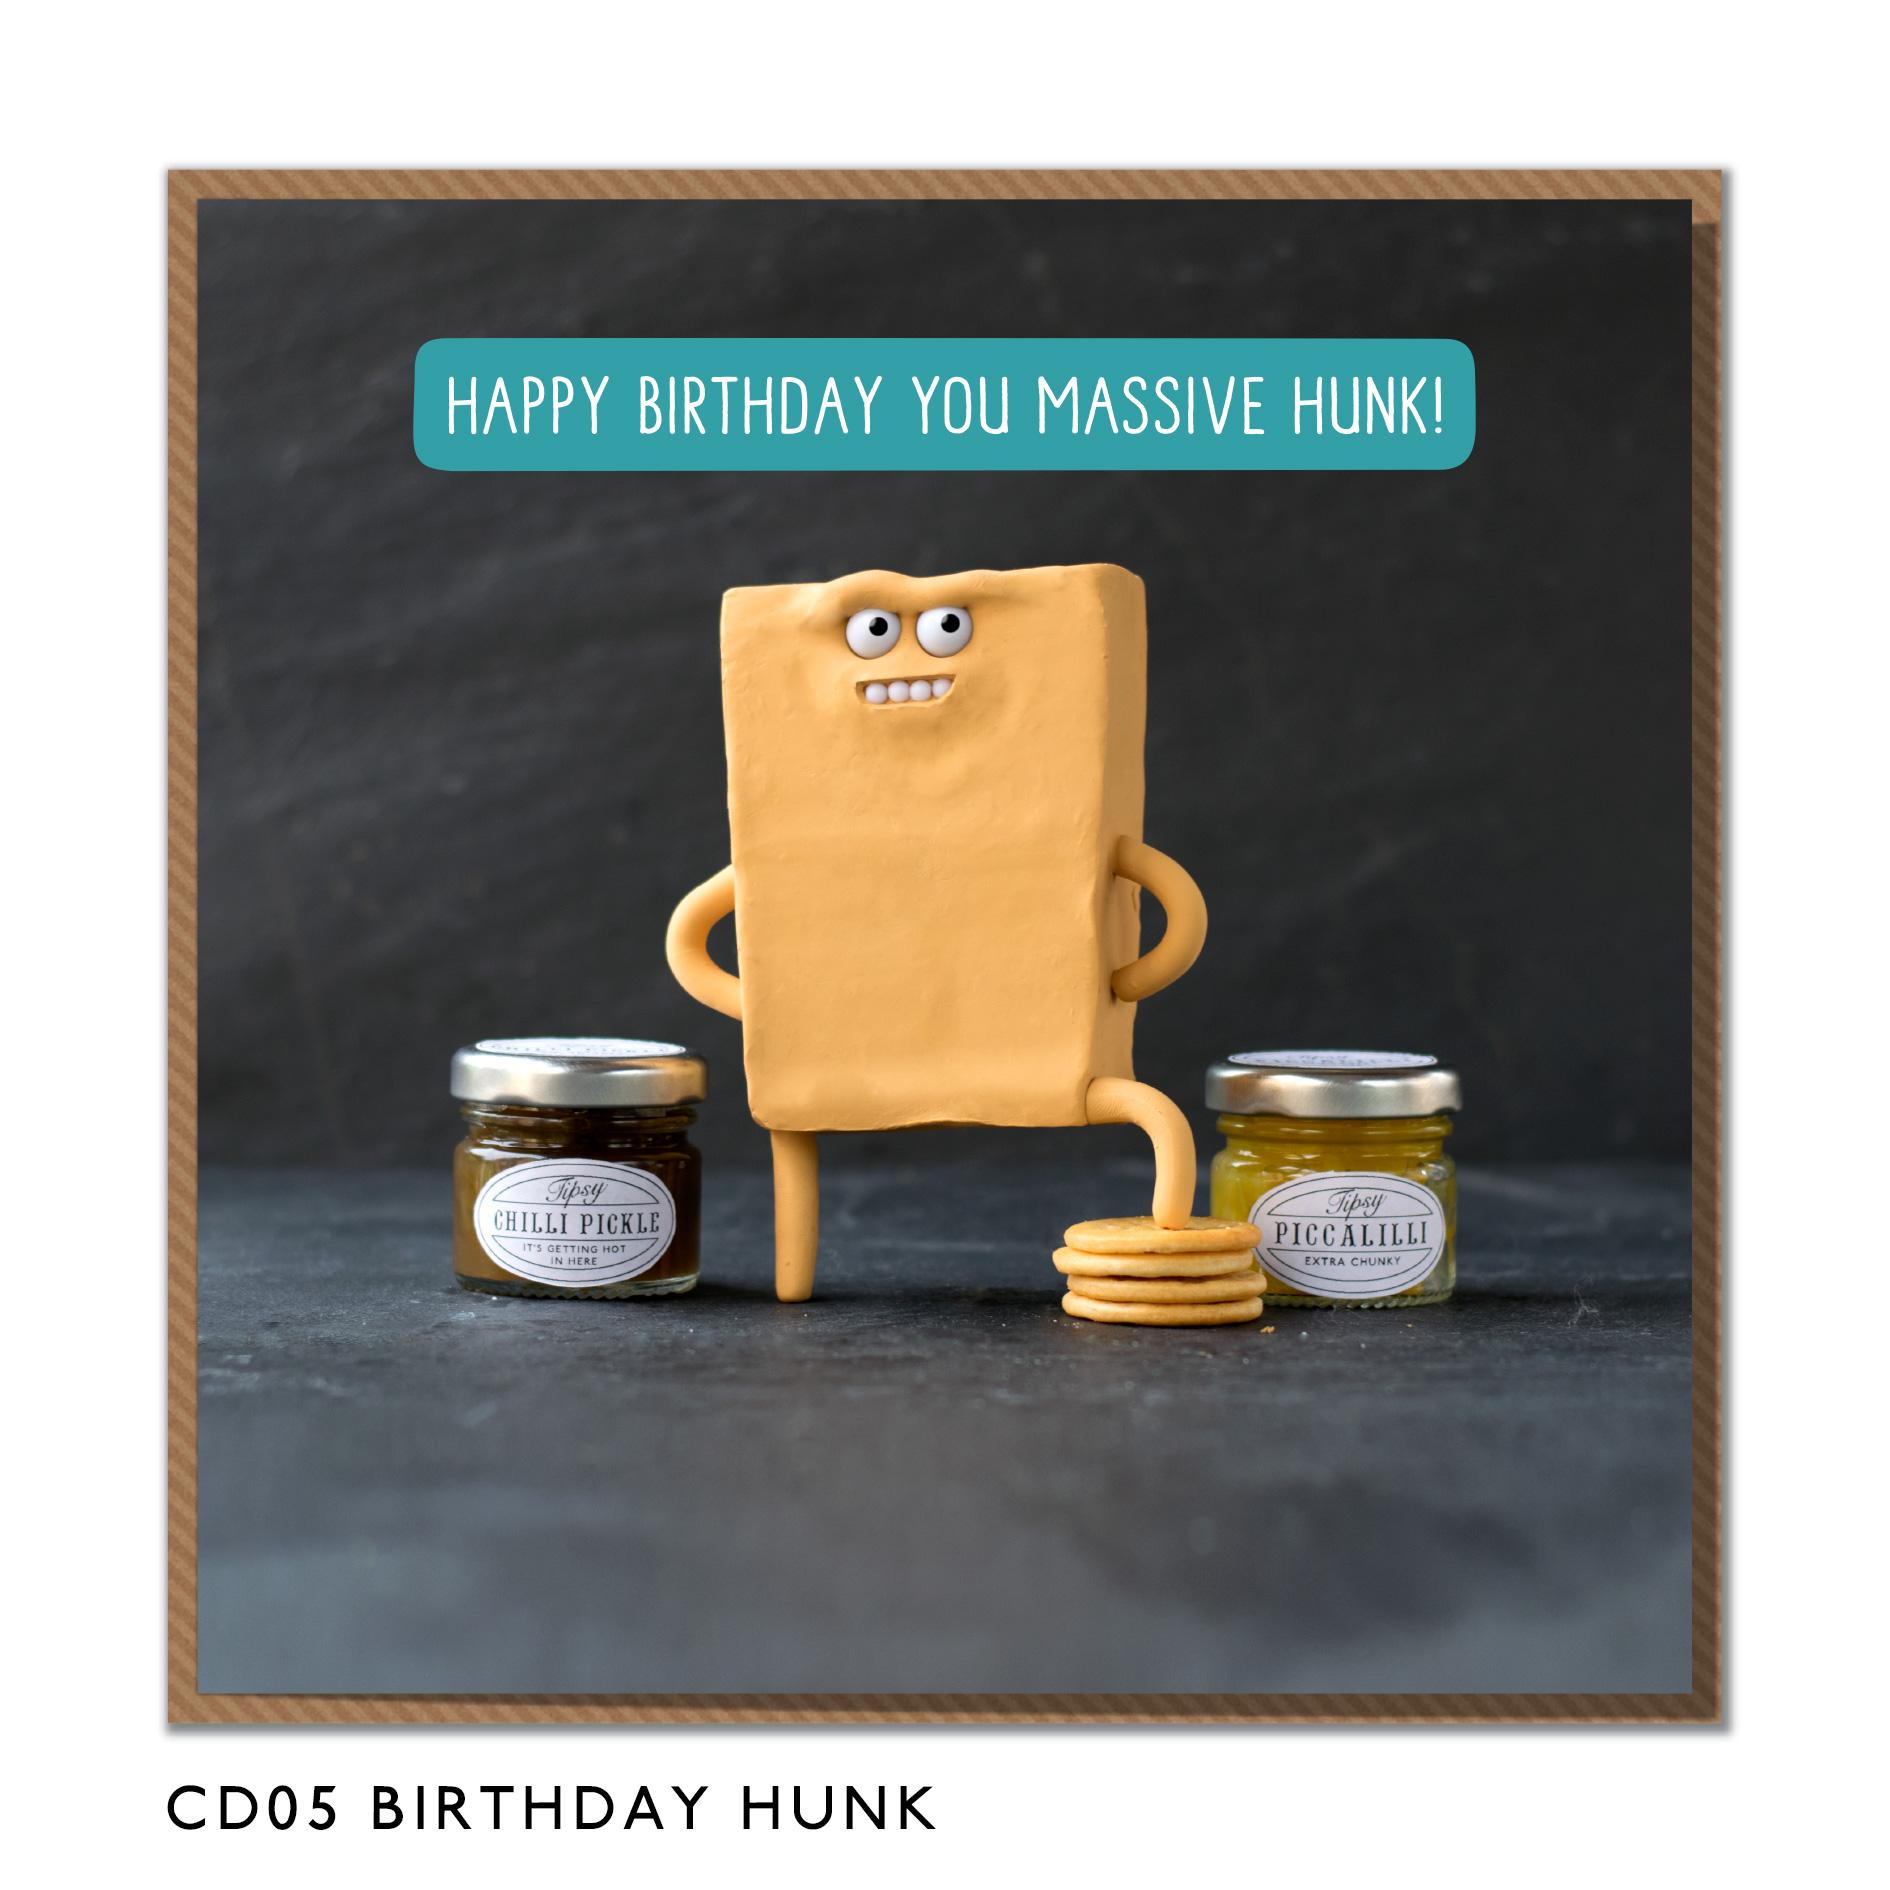 CD05-BIRTHDAY-HUNK.jpg